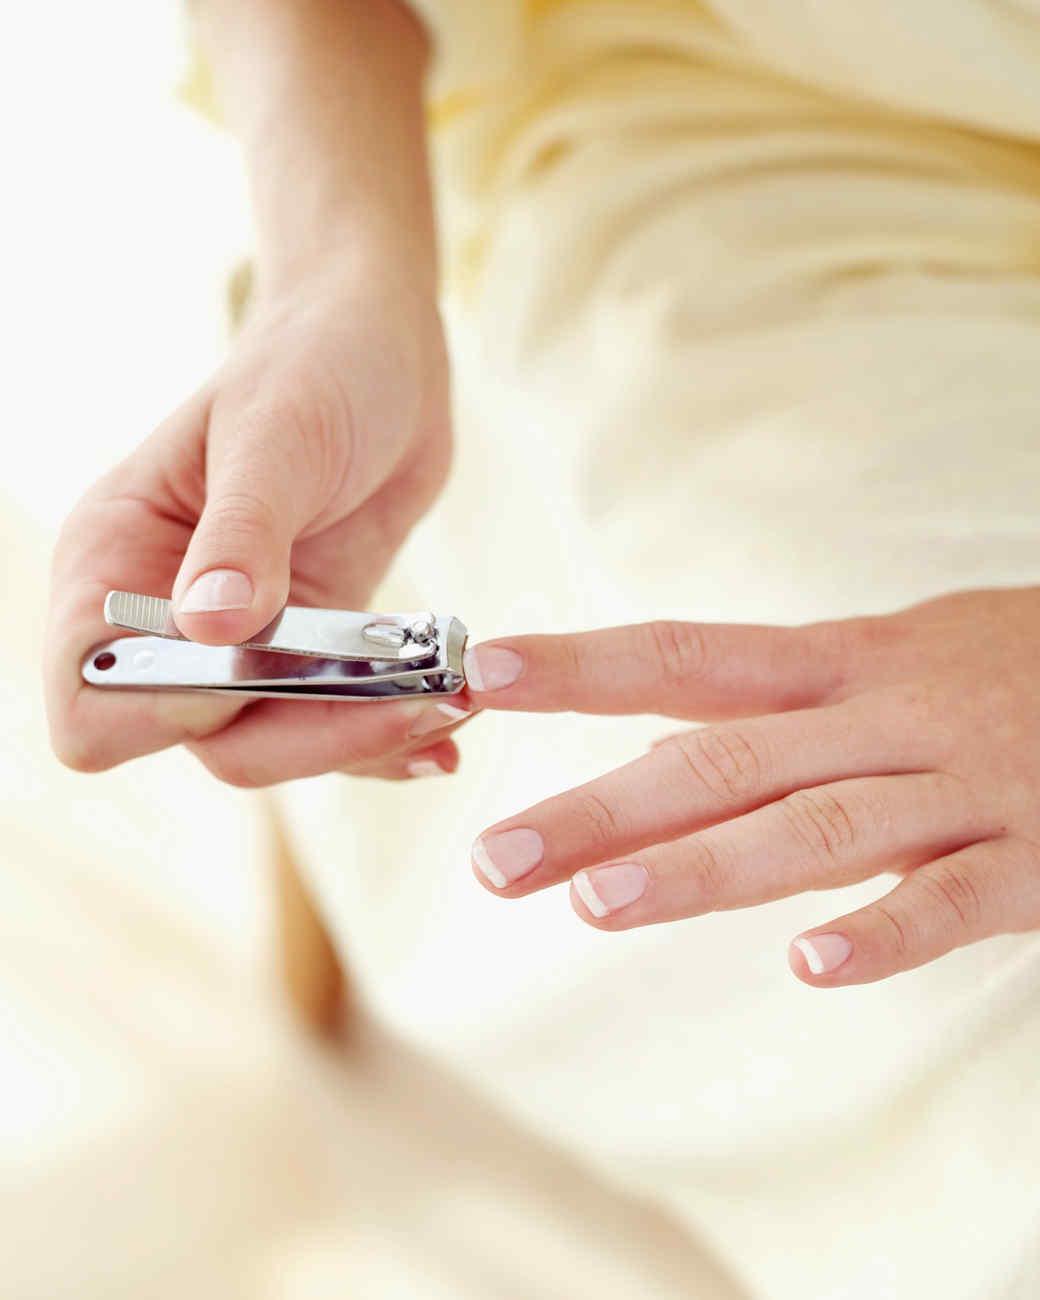 bc-skin-nails-9-57305523.jpg